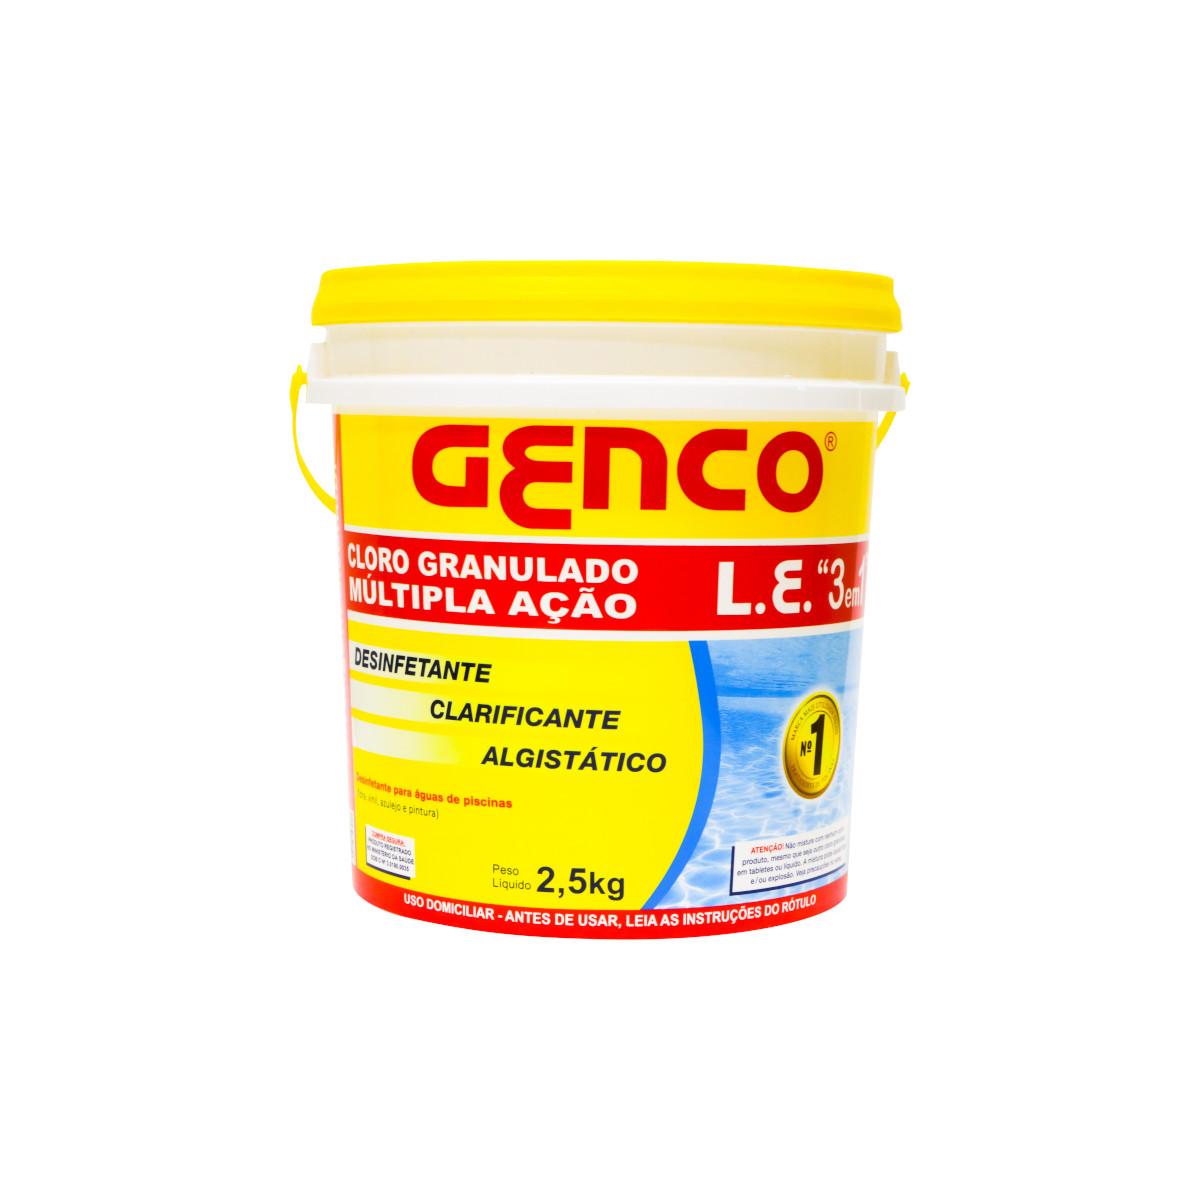 Cloro granulado 3 em 1 2,5kg Genco pacote PCT